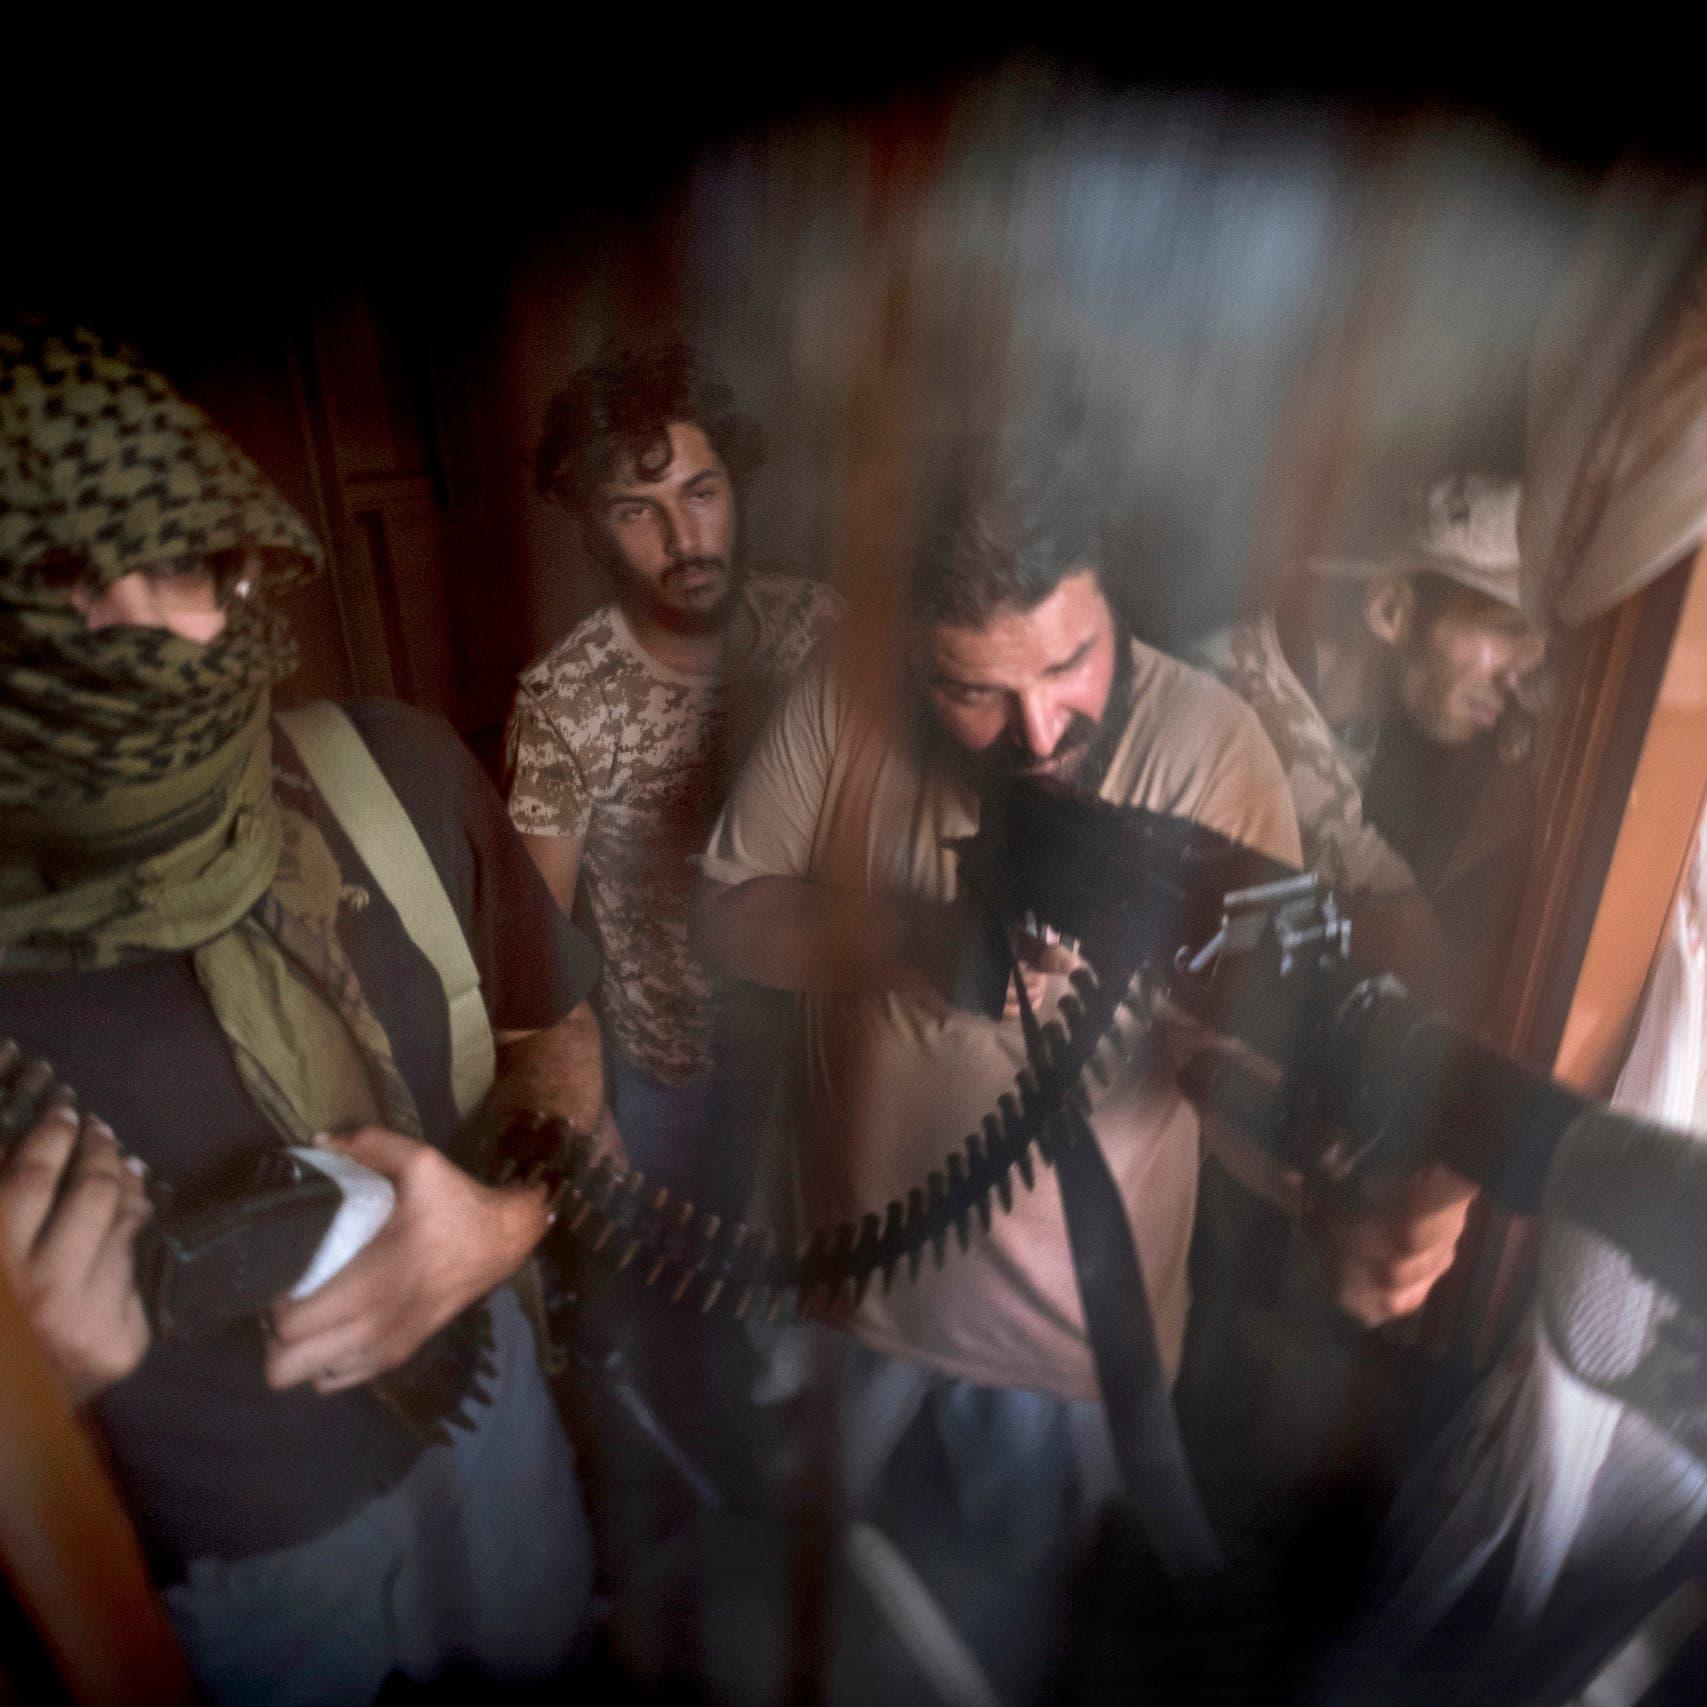 اغتيال قائد ميليشيا في طرابلس.. هل بدأت حرب التصفيات؟